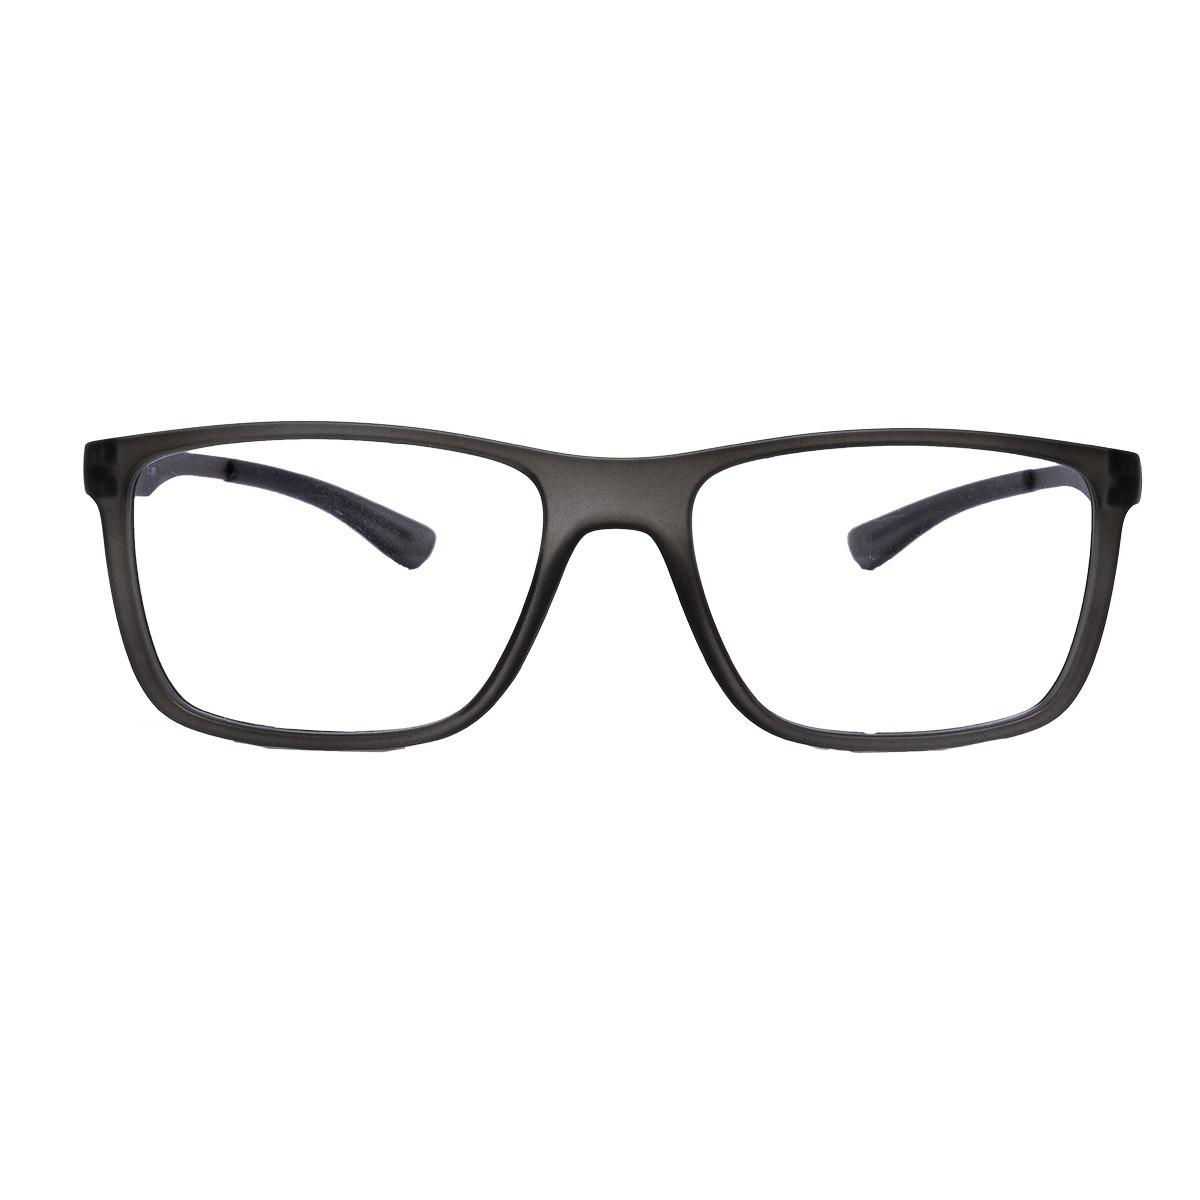 866858668 Óculos De Grau Hb Duotech Original M.93138 297 - R$ 328,00 em ...